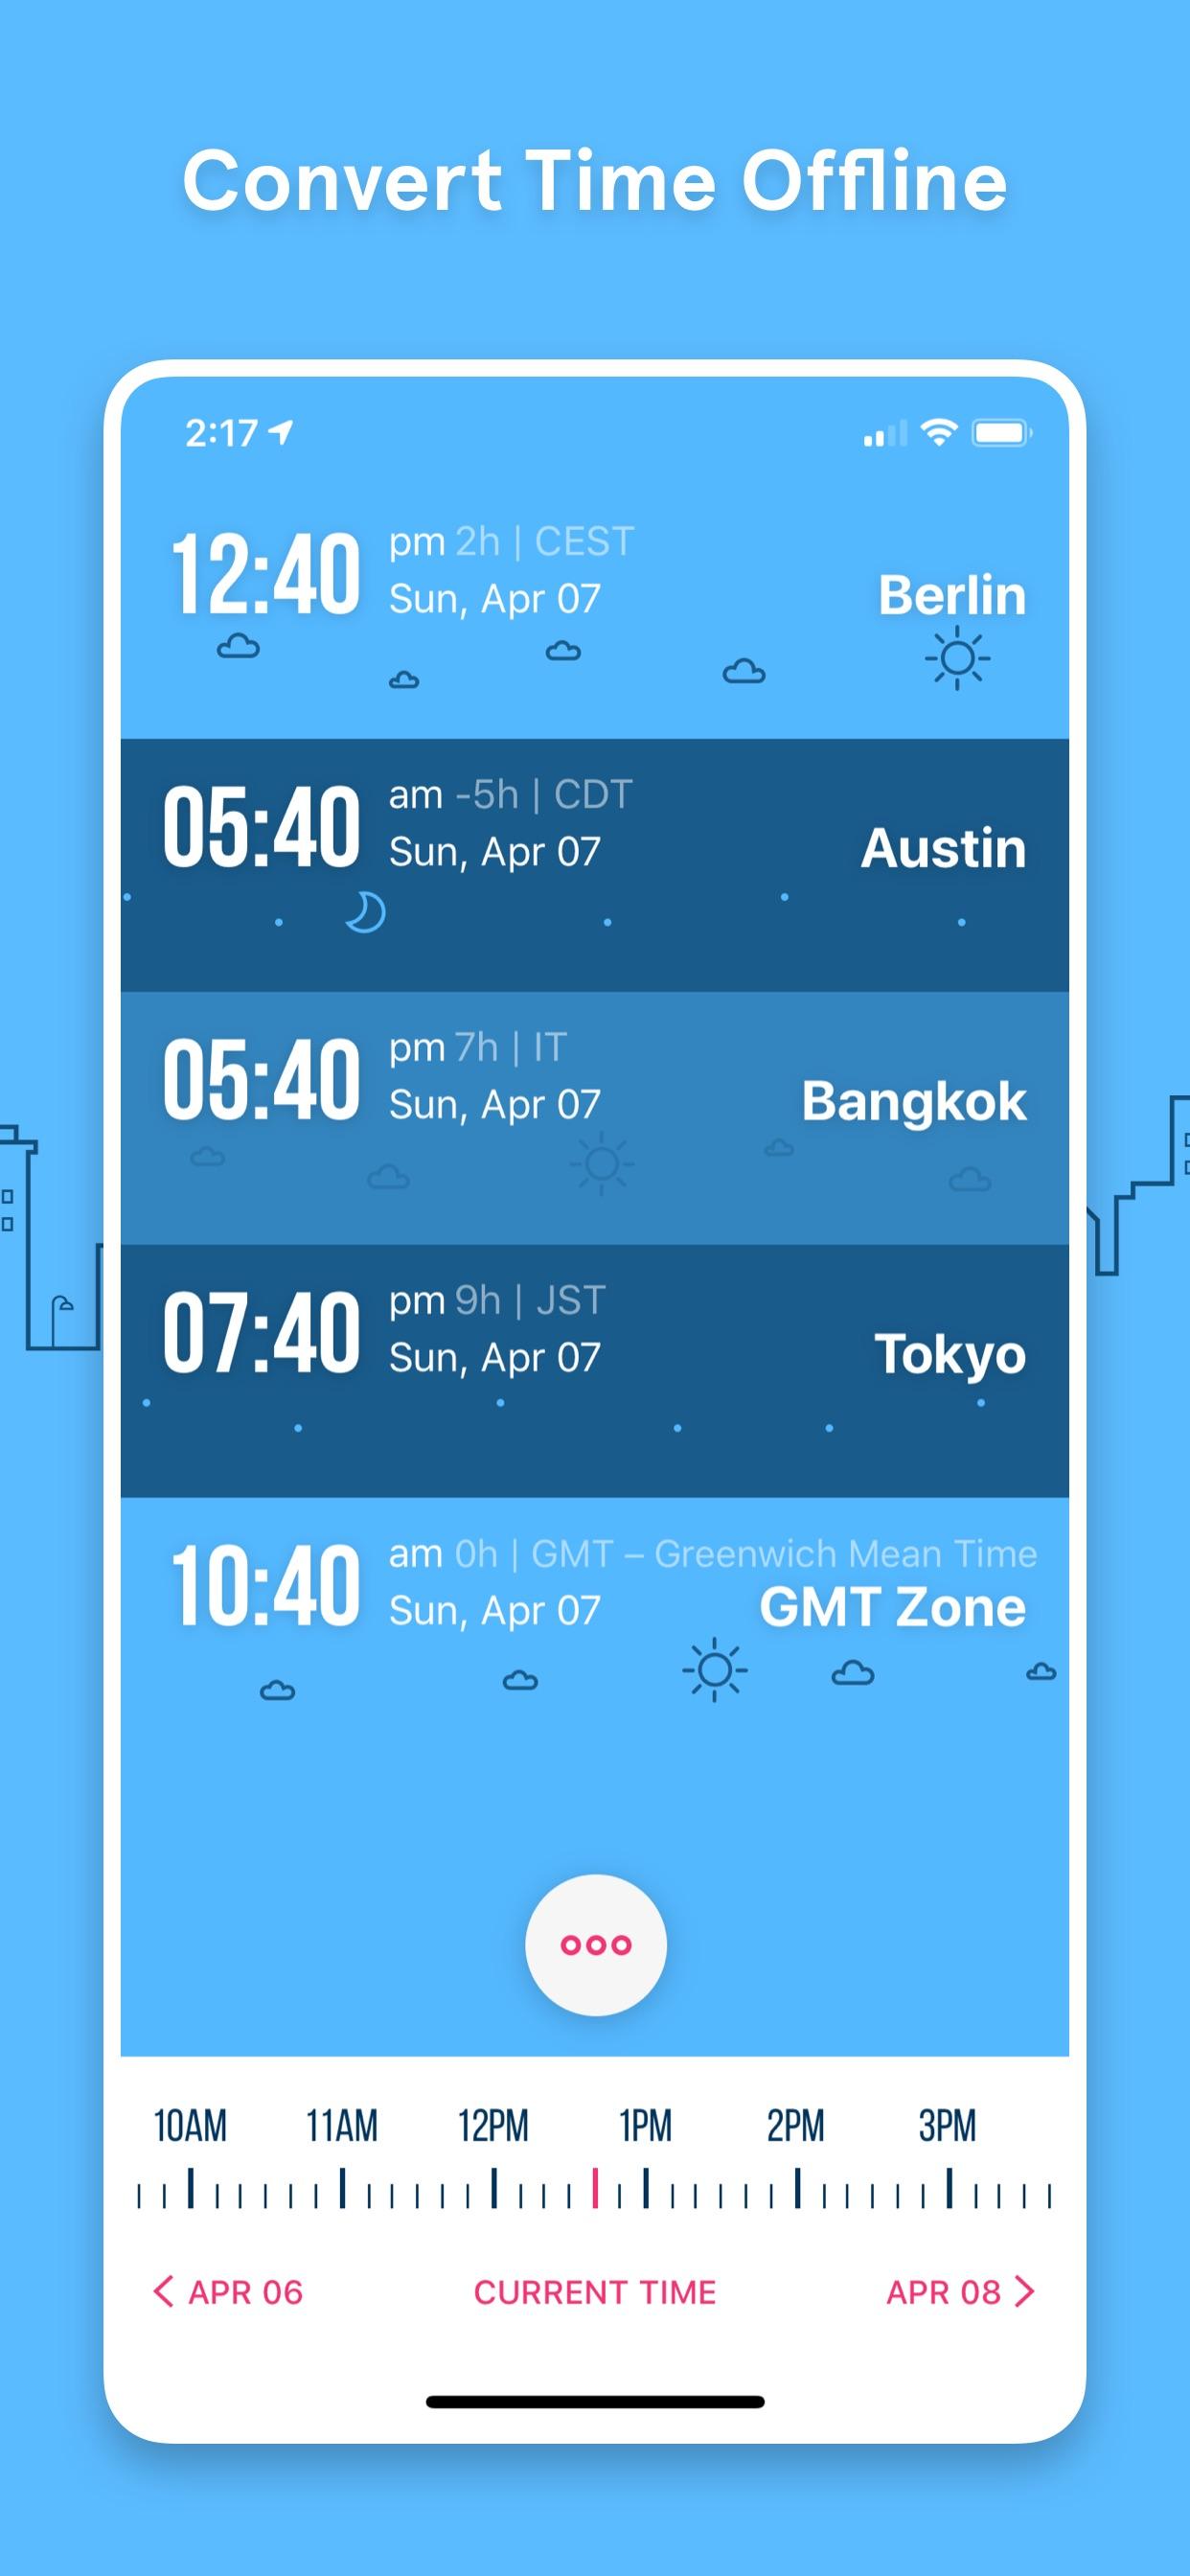 Convert Time Offline